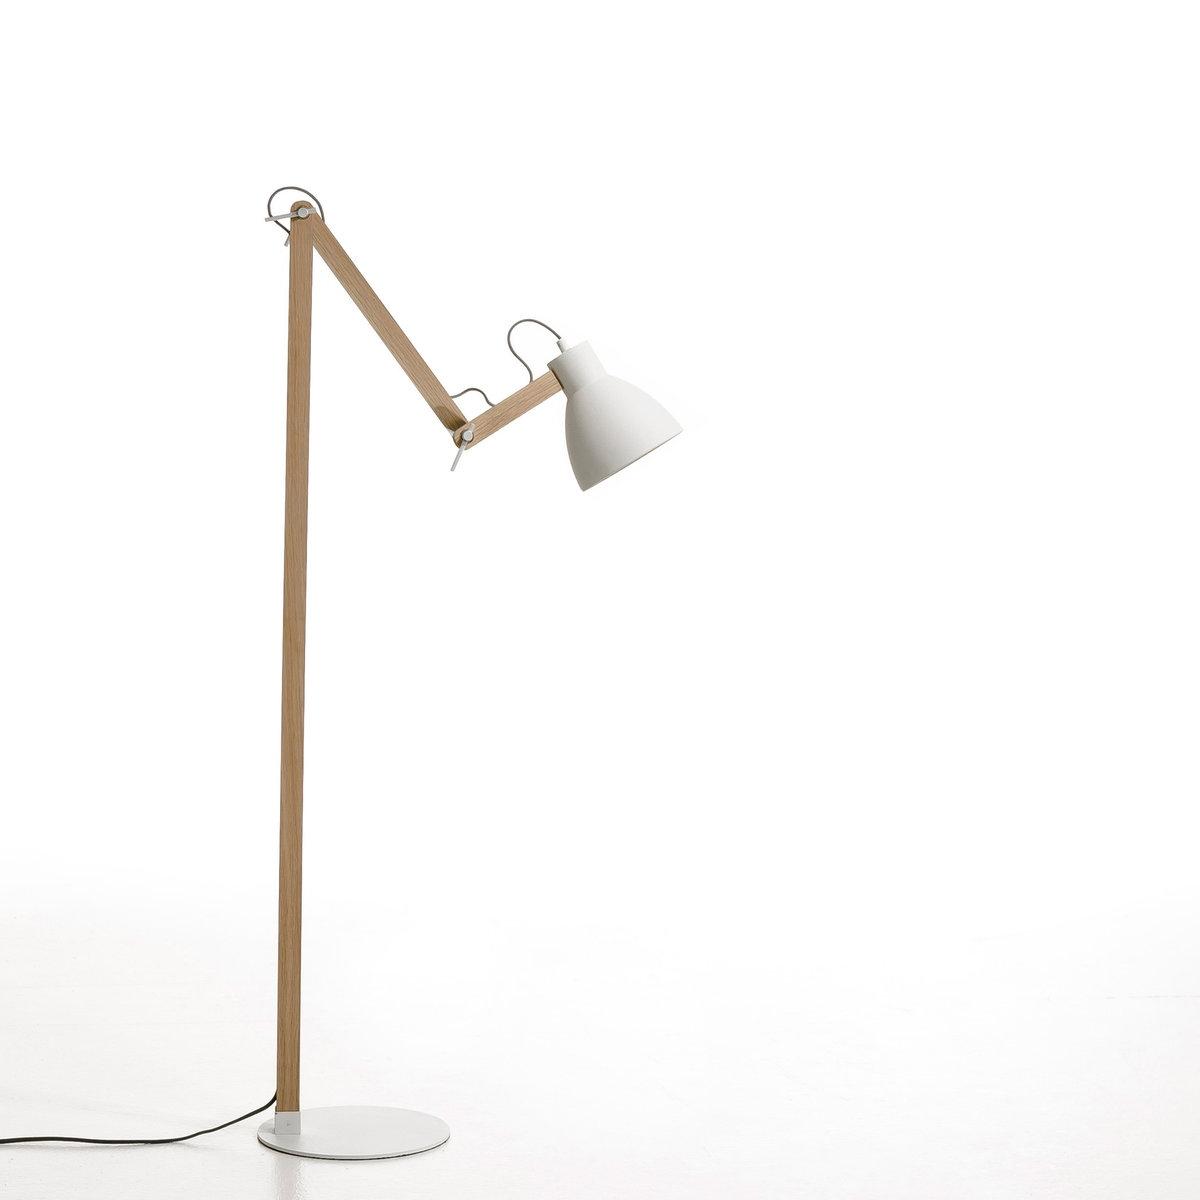 Торшер, ThaddeusХарактеристики : -Из необработанного дуба и металла с белым матовым эпоксидным покрытием.- Электрический кабель из серой хлопковой ткани  .   - Регулируемые лапка и абажур с металлическим креплением  .       - Патрон E27 для флюокомпактной лампочки макс 20W (не входит в комплект) . - Этот светильник совместим с лампочками    энергетического класса   A .- Этот товар может подойти для спальни ребенка старше 14 лет в зависимости от действующих требований  .Размеры :- 55 x 155 x 30 см (в обычном положении)    Доставка:Возможна доставка товара до двери по предварительной договоренности!Внимание! Убедитесь, что товар возможно доставить, учитывая его габариты (проходит по лестницам, в дверные проемы, в лифты).<br><br>Цвет: белый,черный